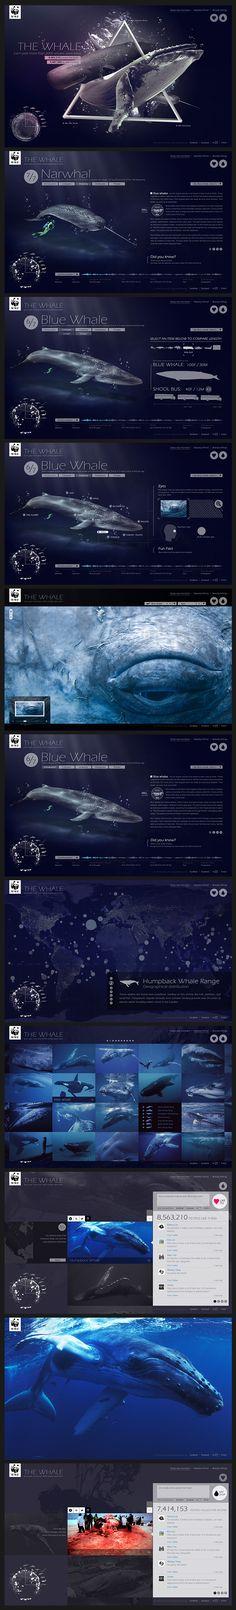 WWF Whale Website | #webdesign #ui